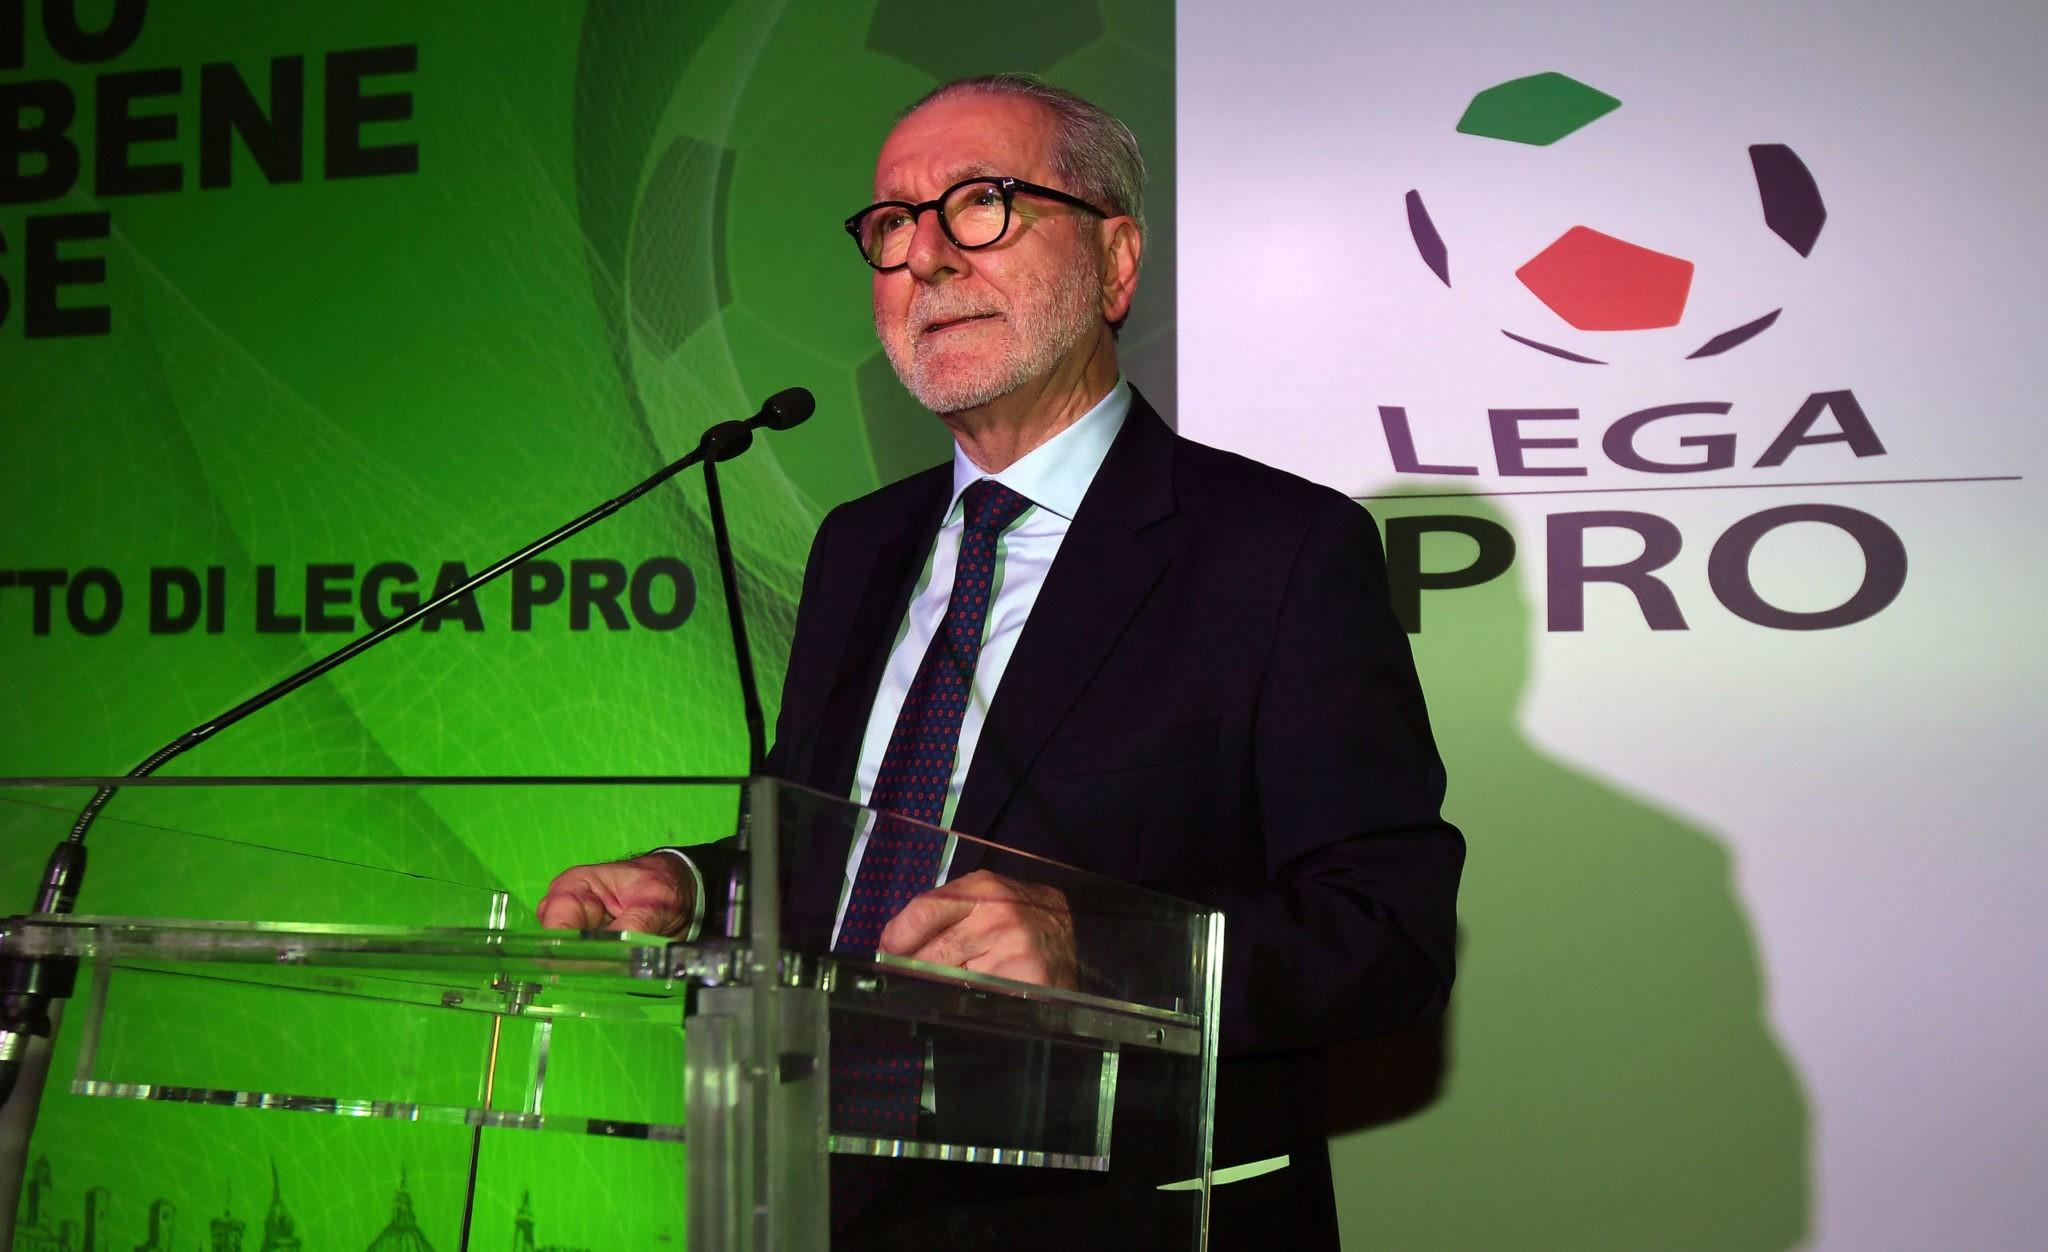 Calcio, in Lega Pro otto partite posticipate causa Covid